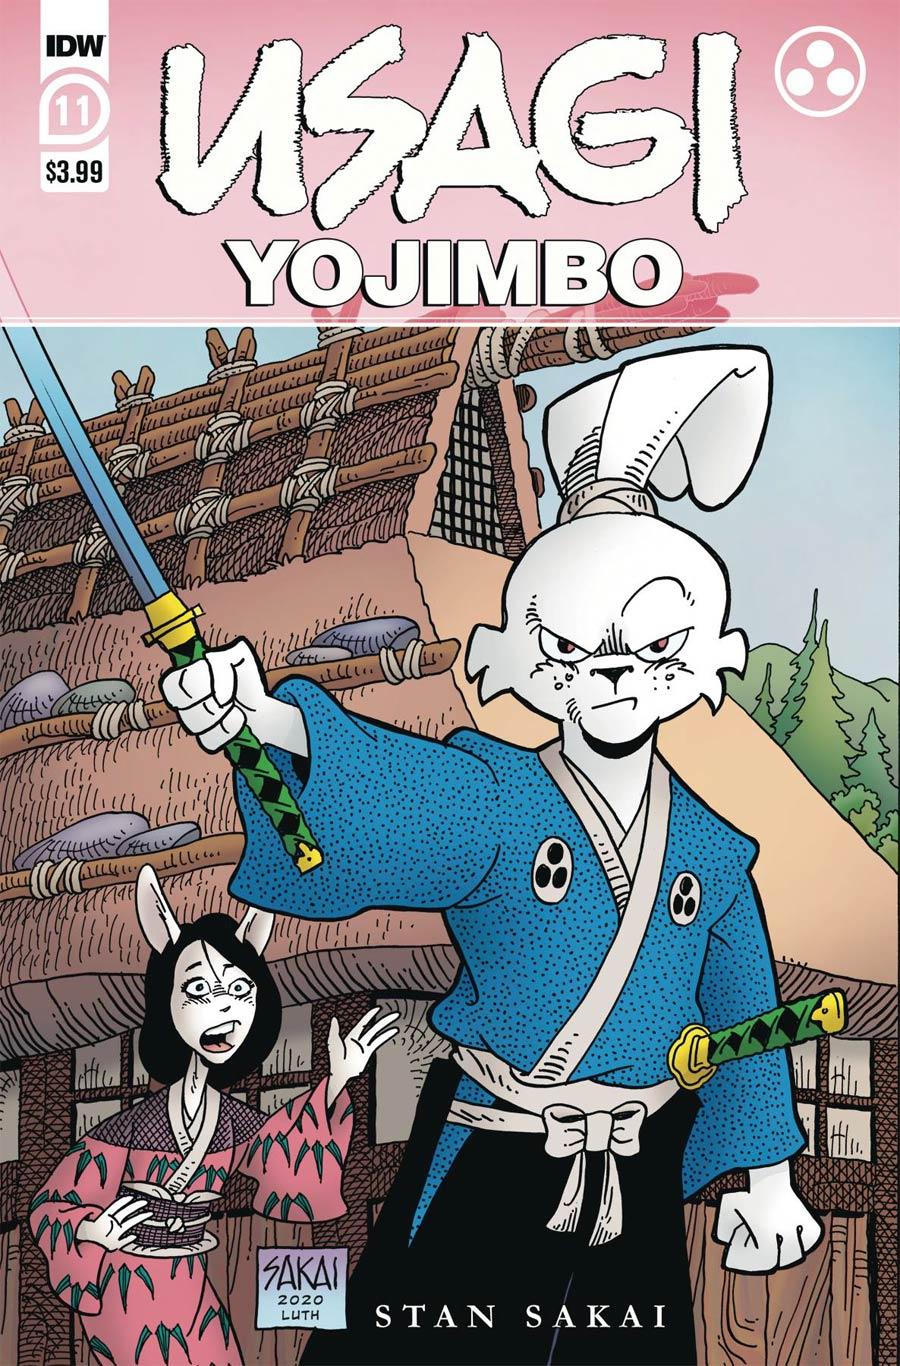 Usagi Yojimbo Vol 4 #11